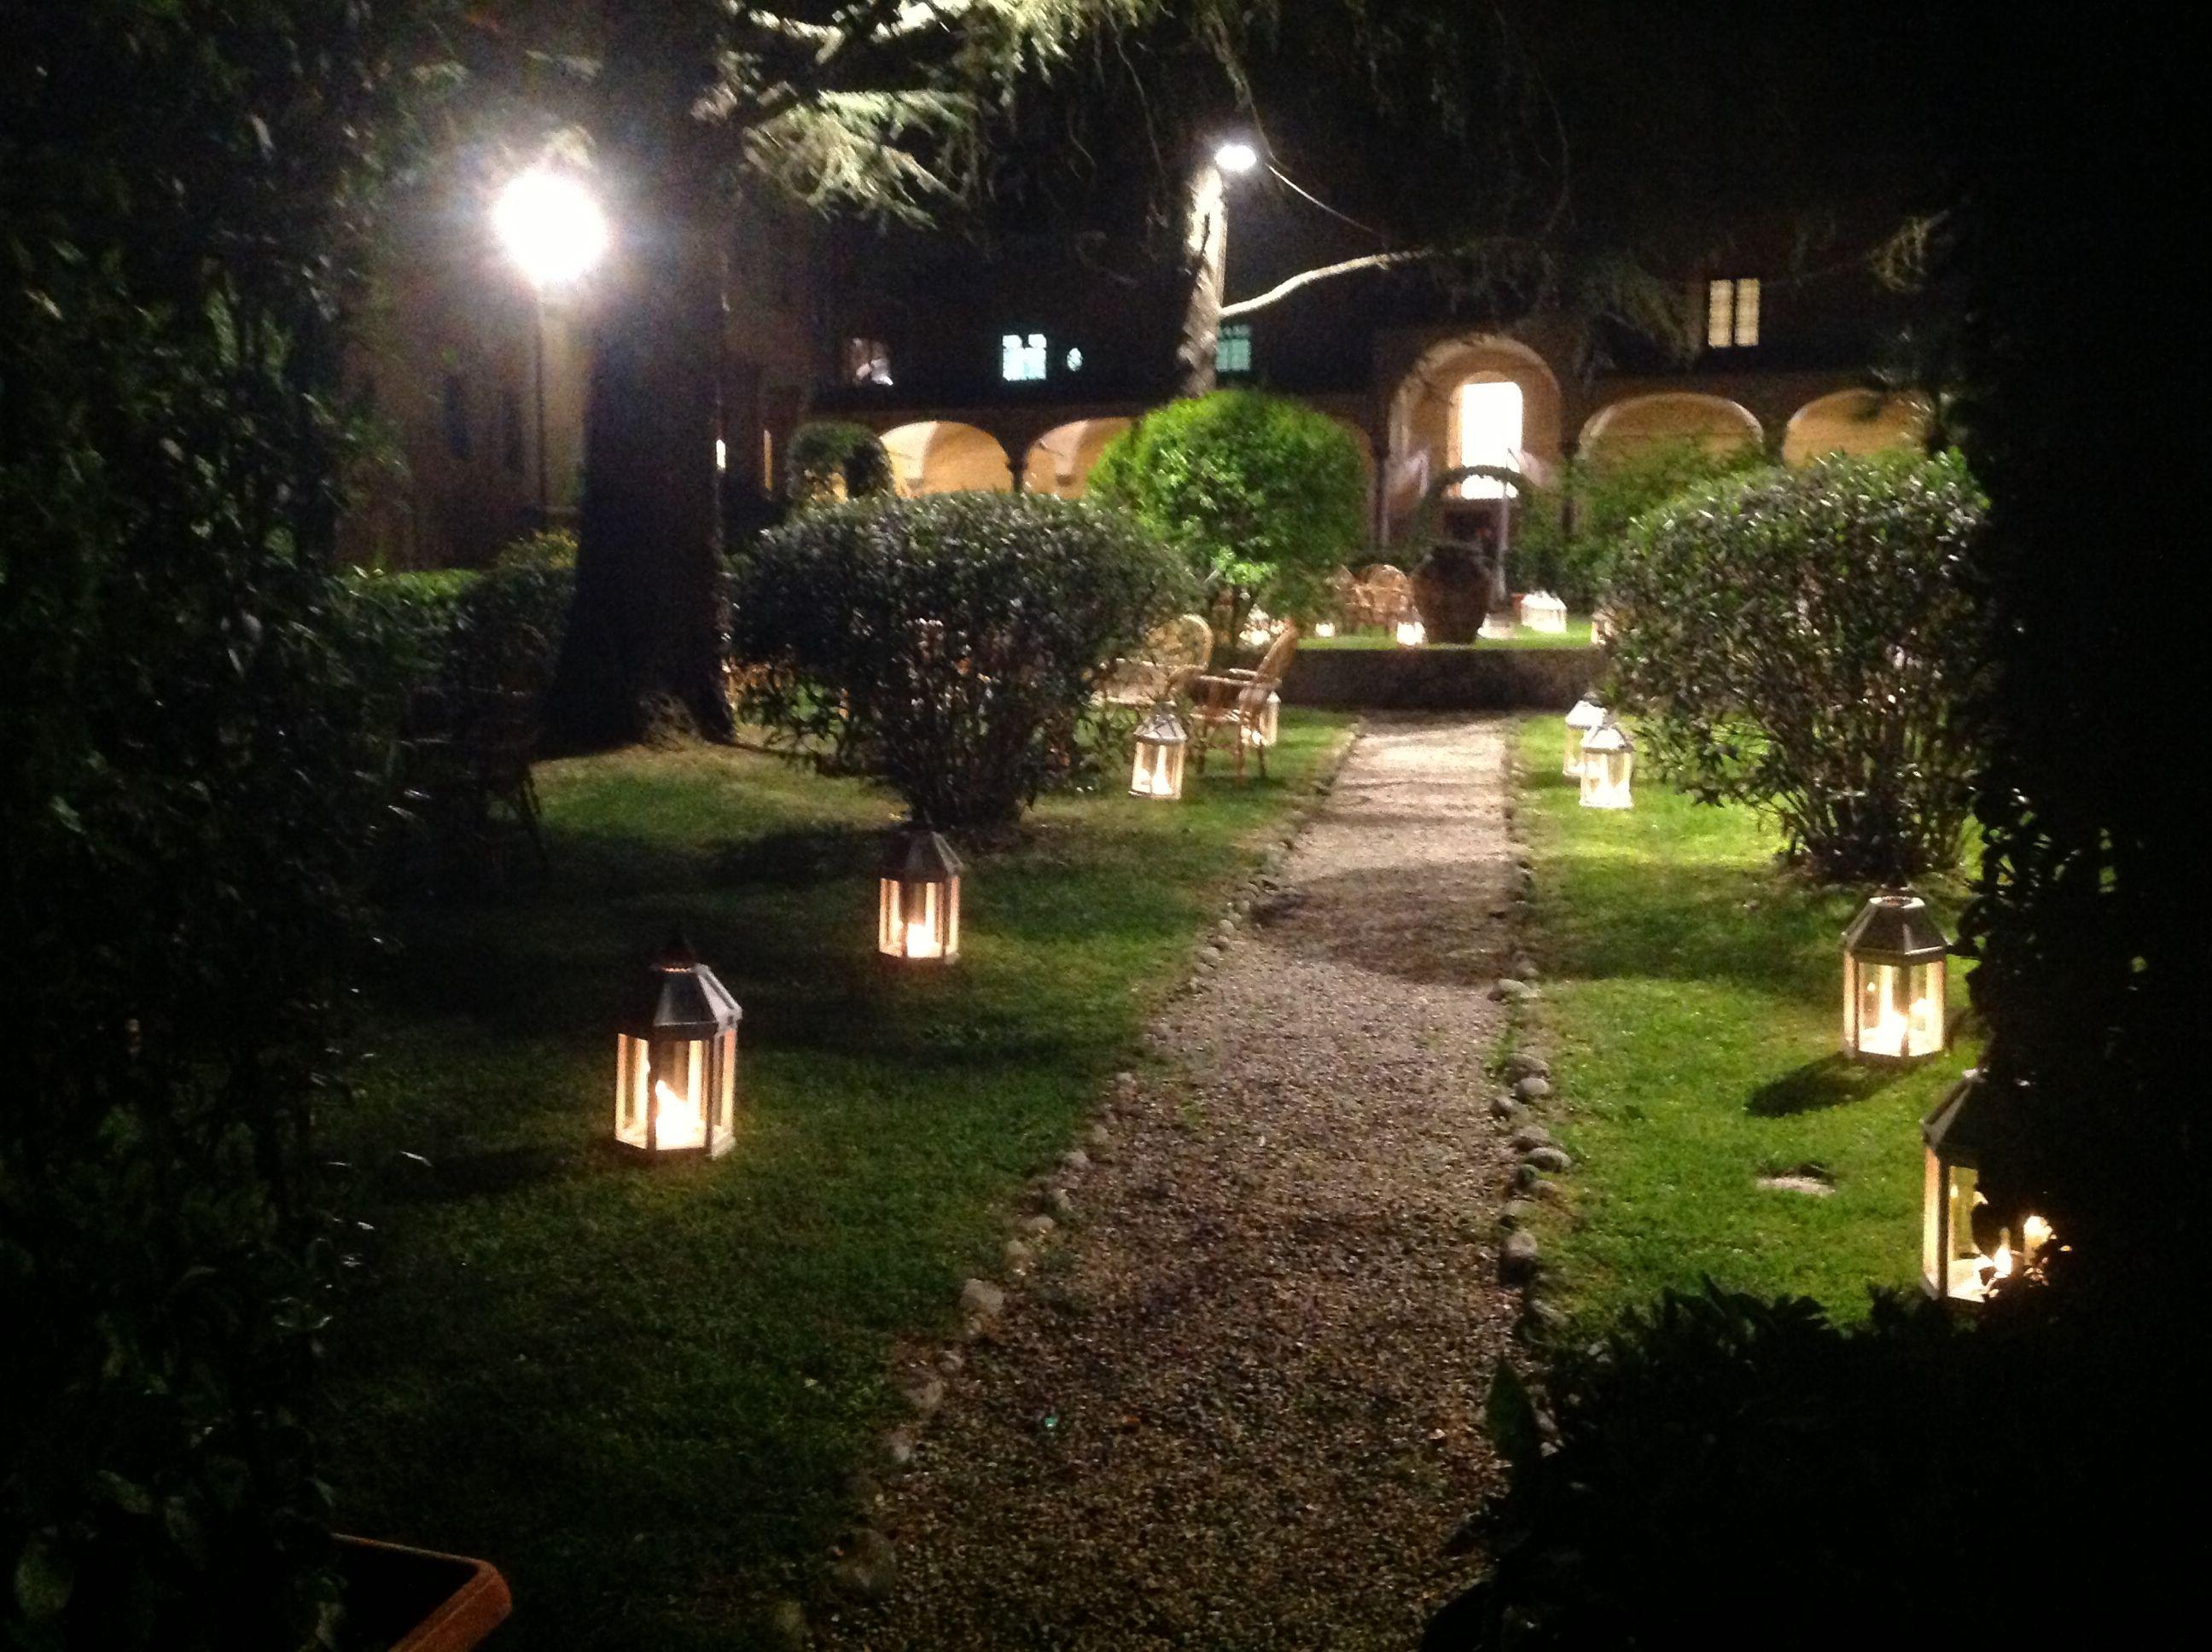 Lanterne con candele per illuminare il parco nella notte the park